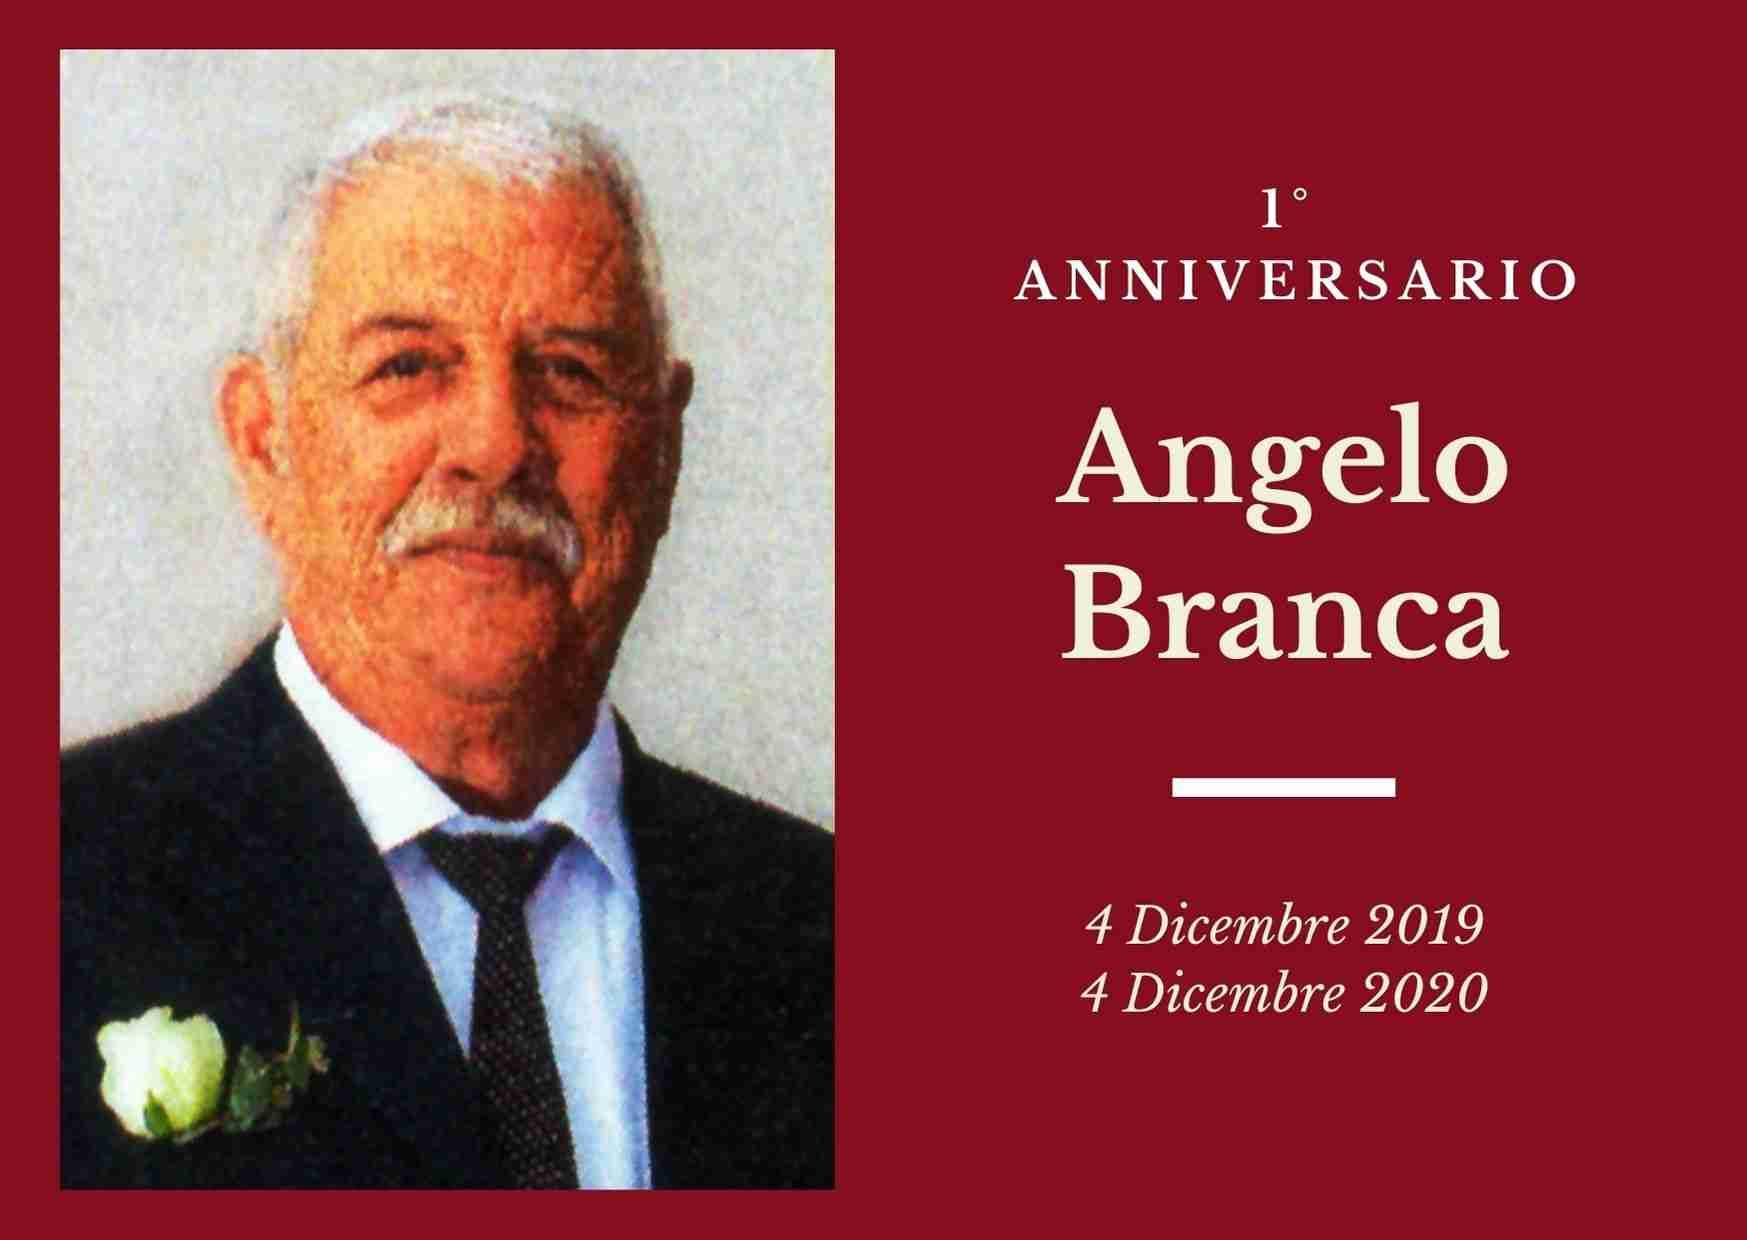 Necrologio: ricorre oggi il 1° anniversario di Angelo Branca (Mimmo)